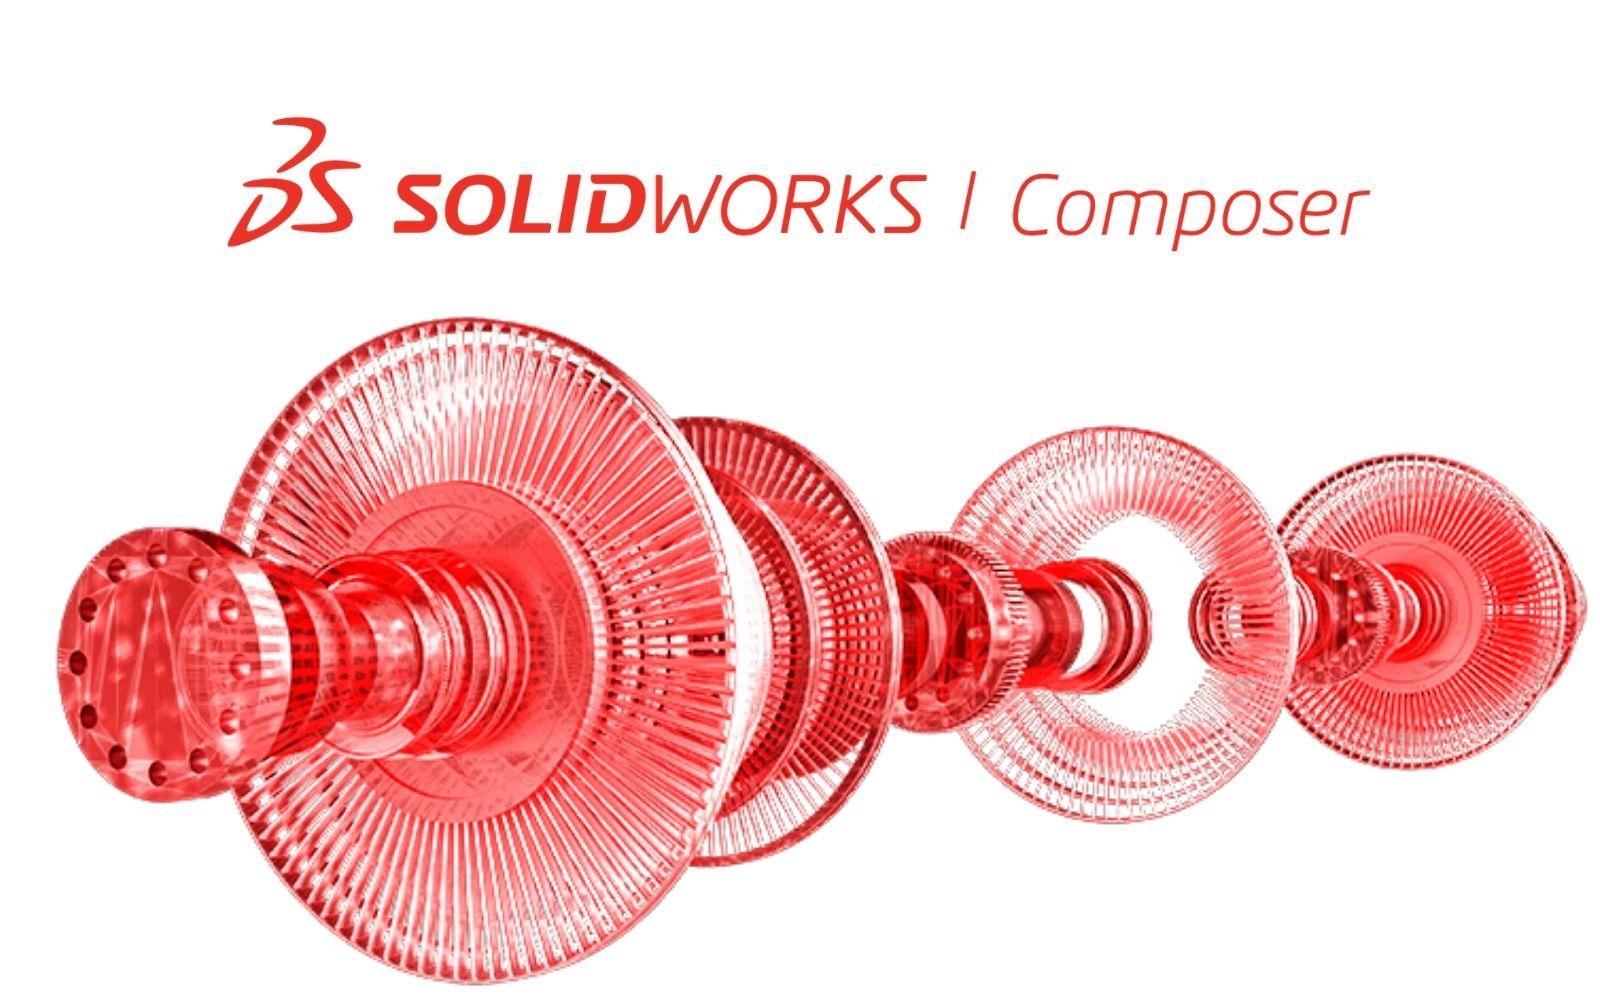 solidwork composer promo 30